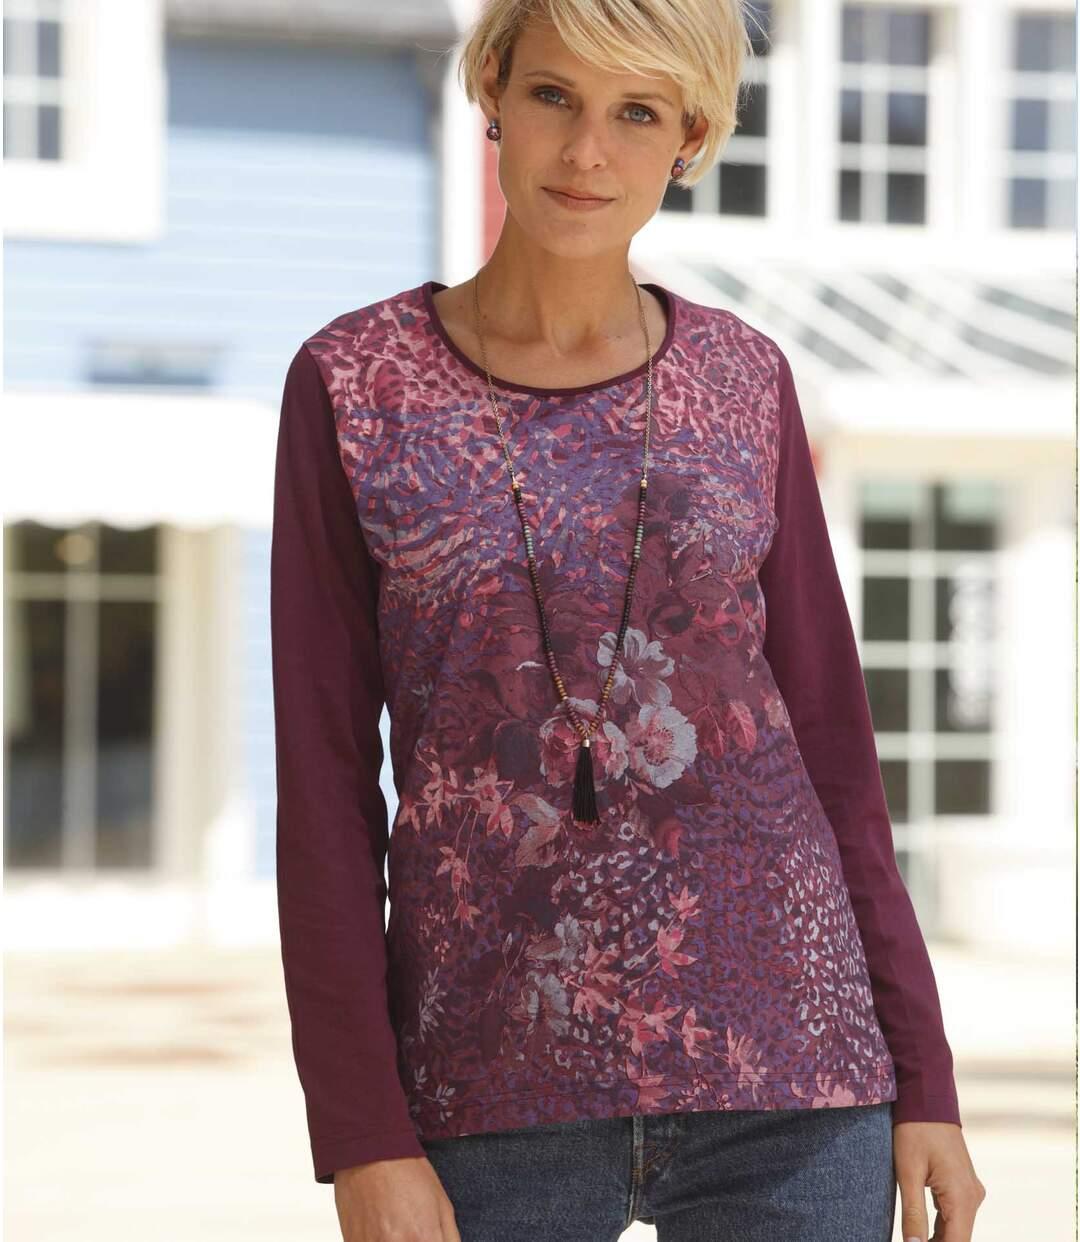 Tričko sbarevným potiskem